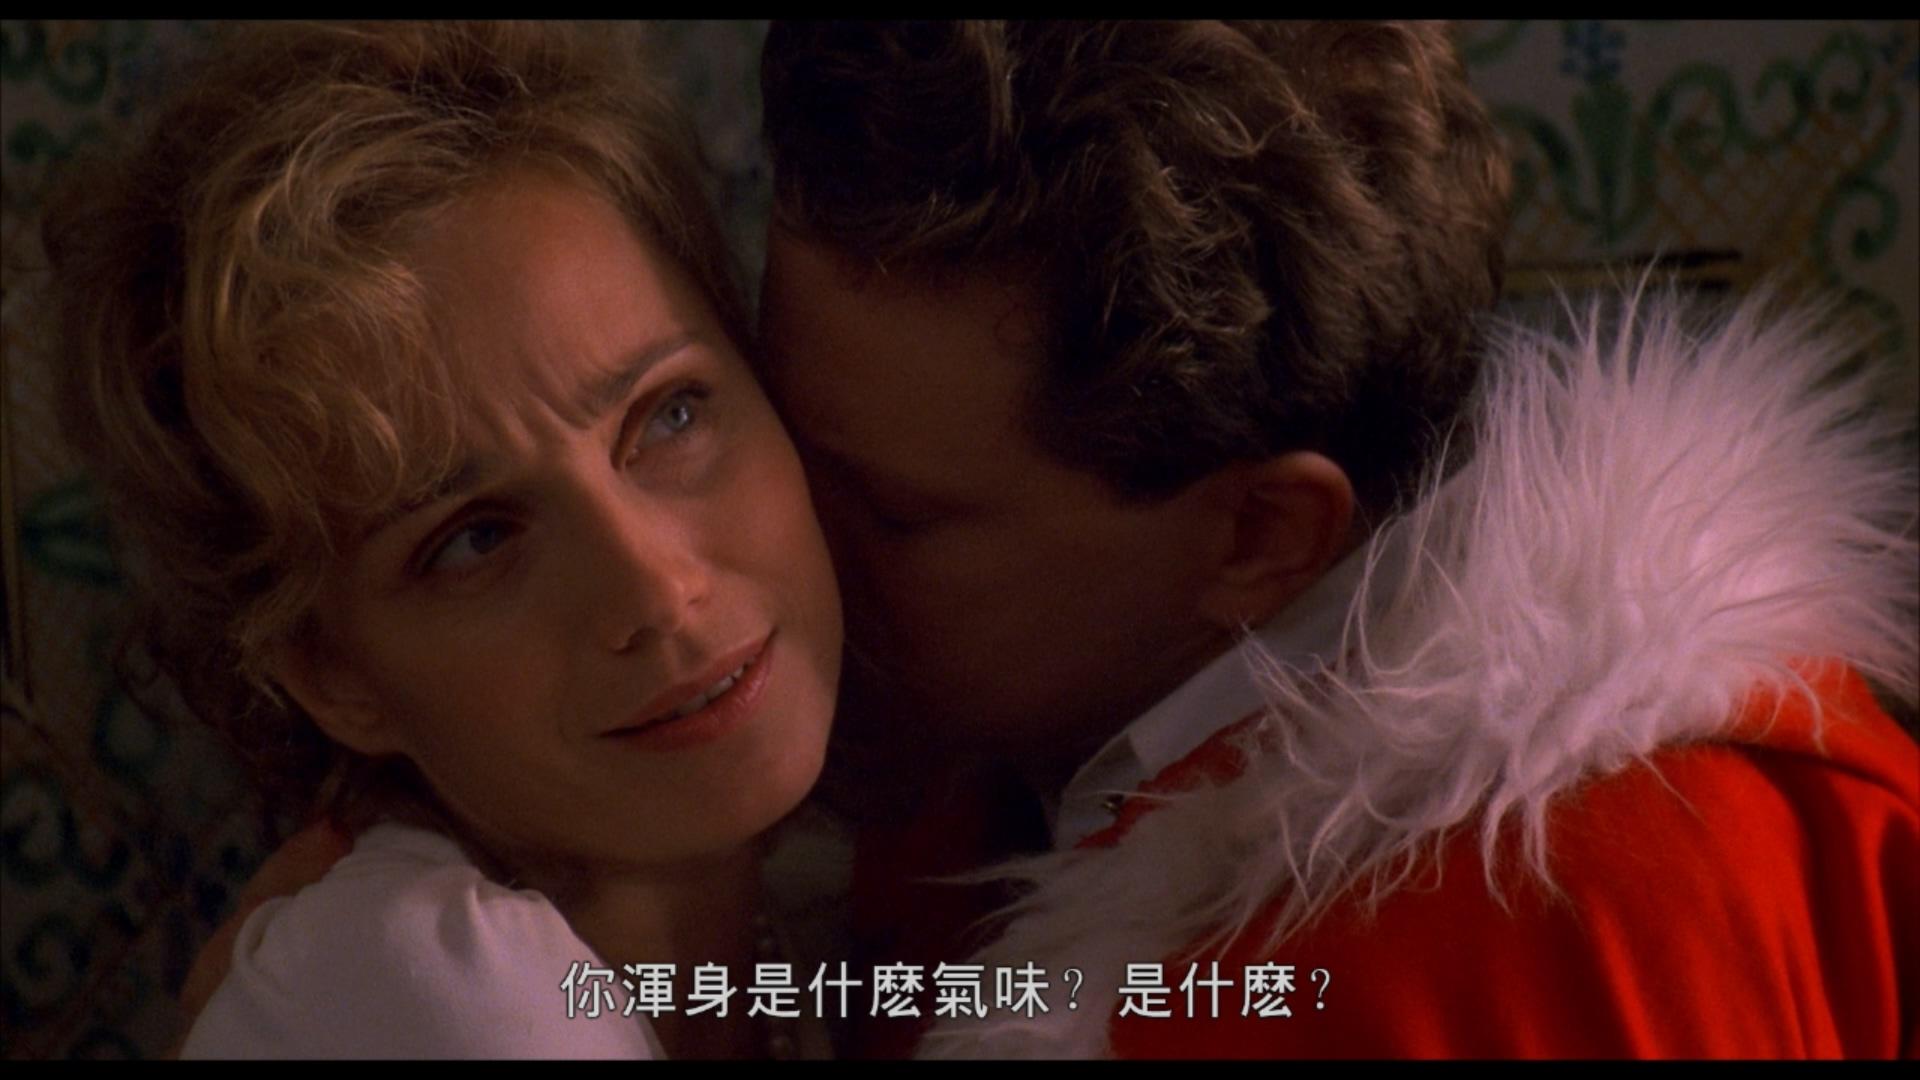 #经典看电影#丈夫发现妻子出轨,因为他闻到了妻子身上不一样的味道!